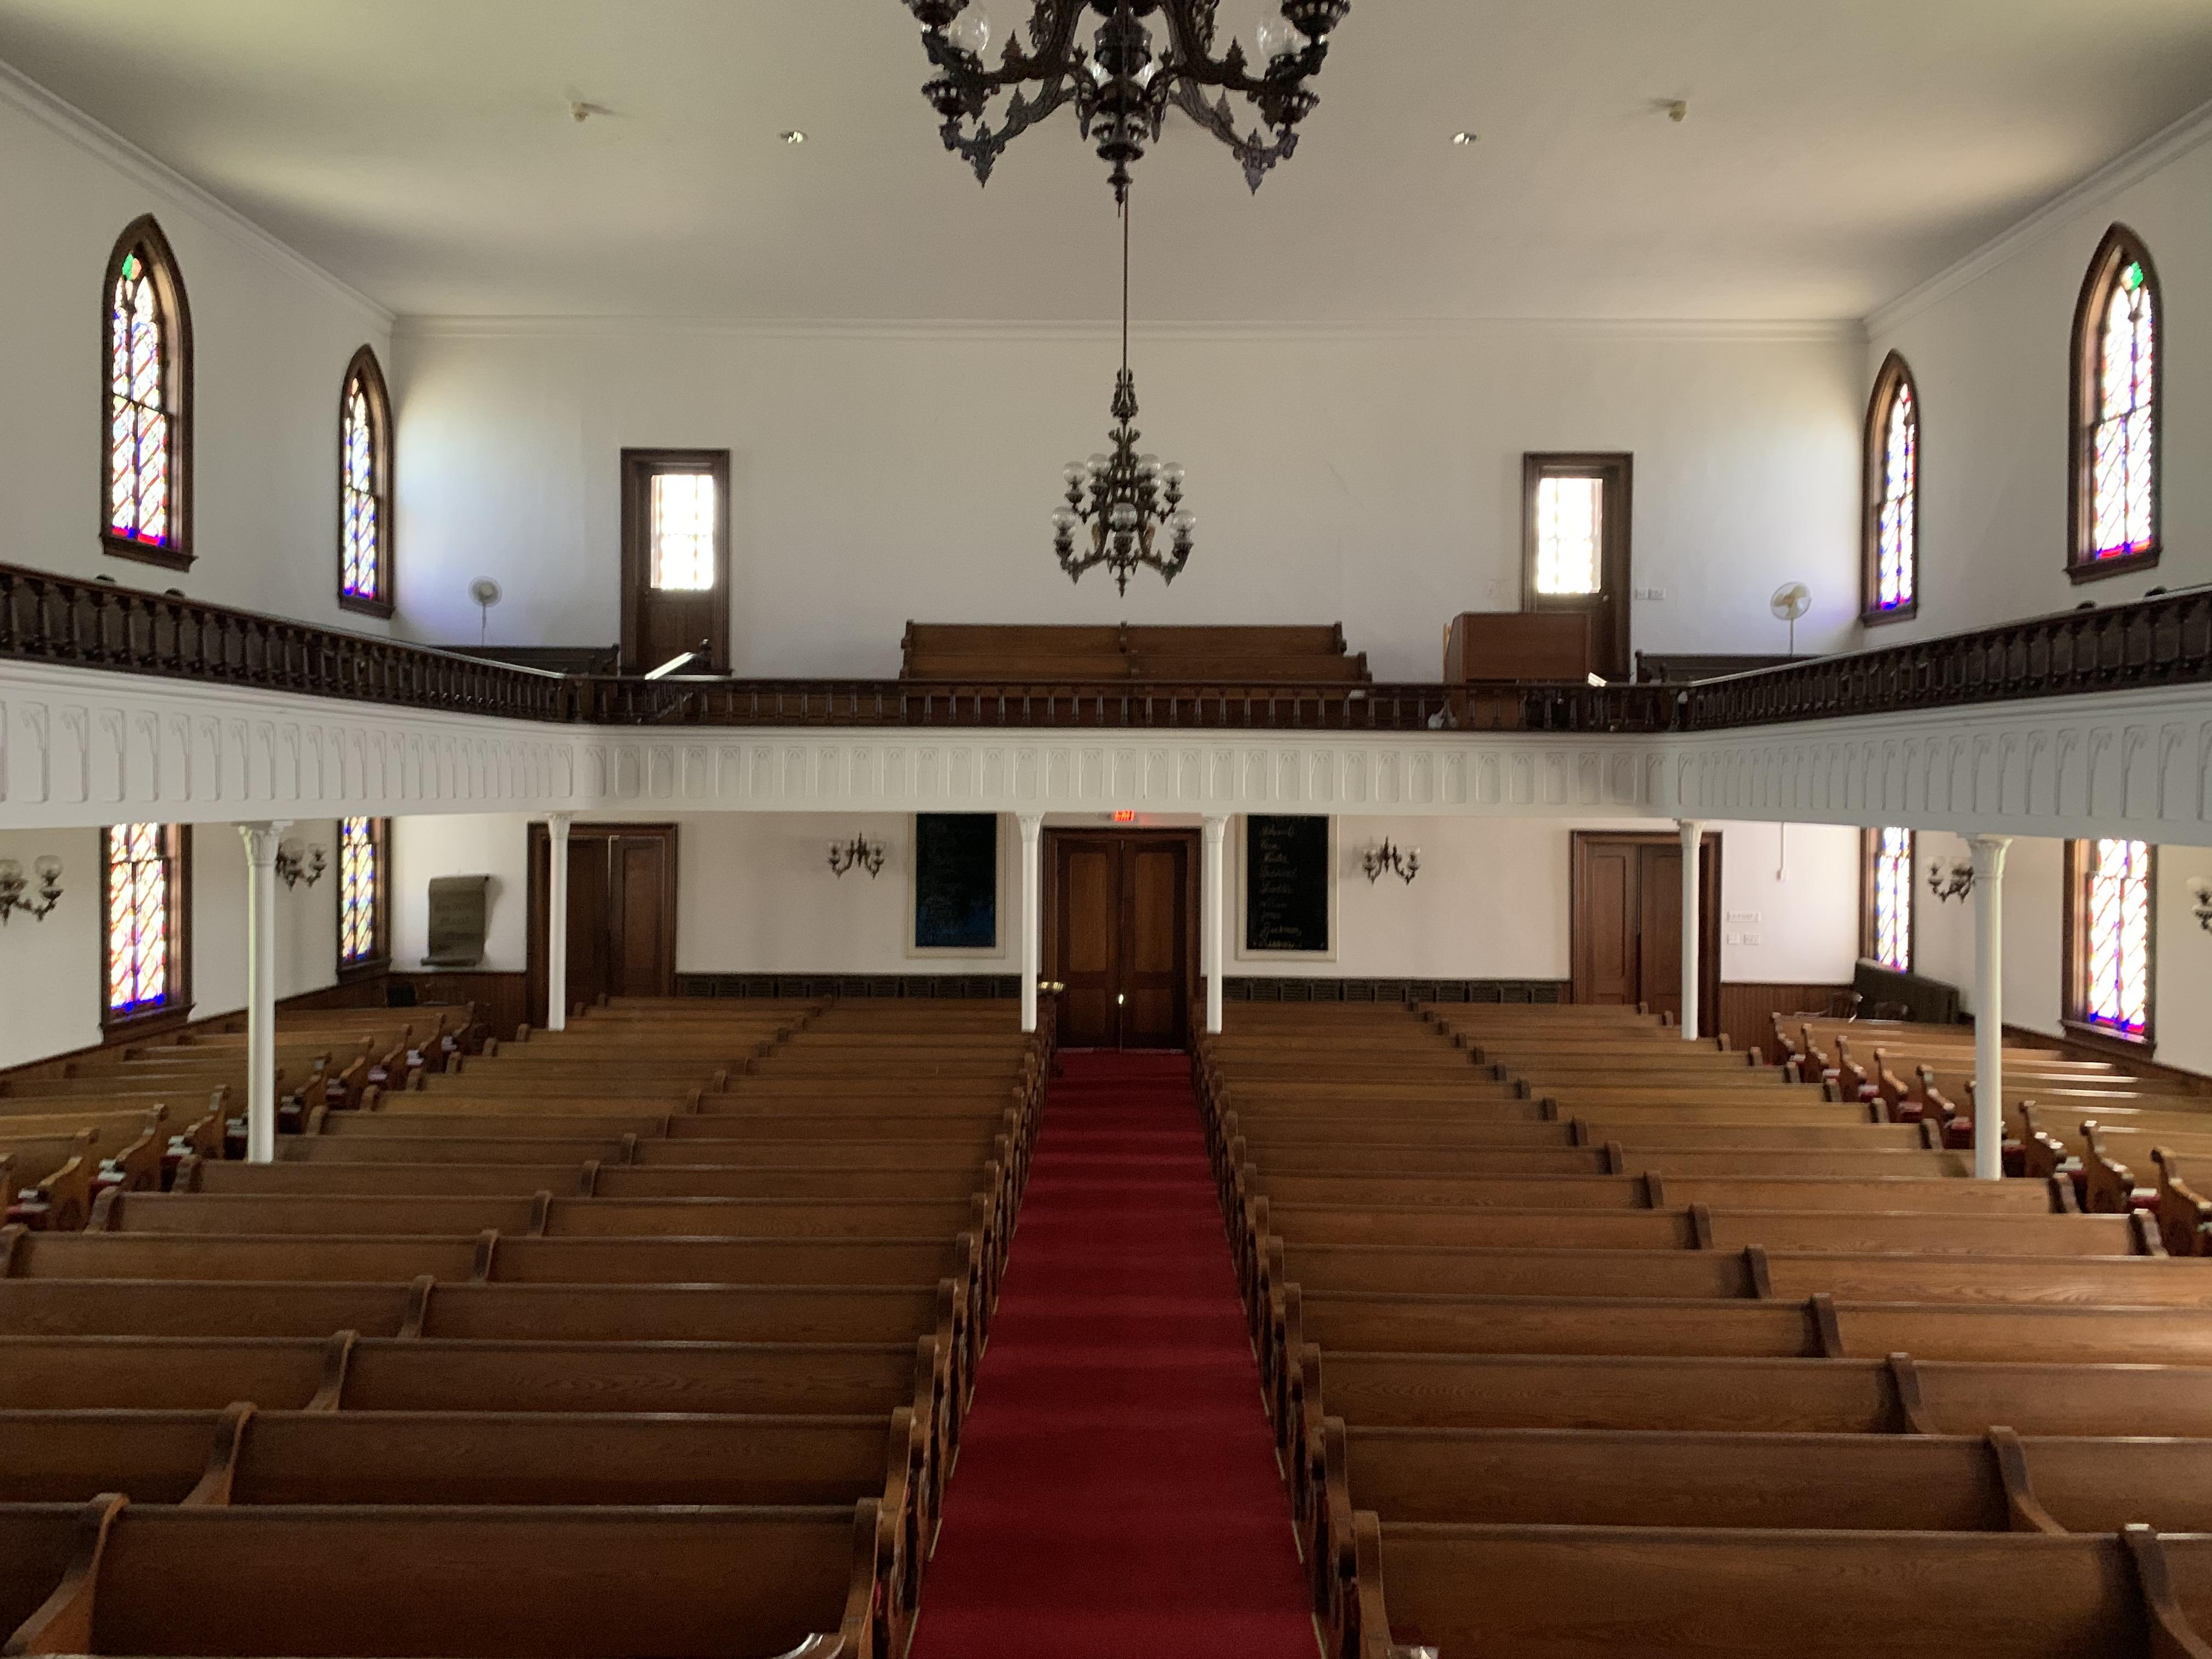 Sactuary Pic 2